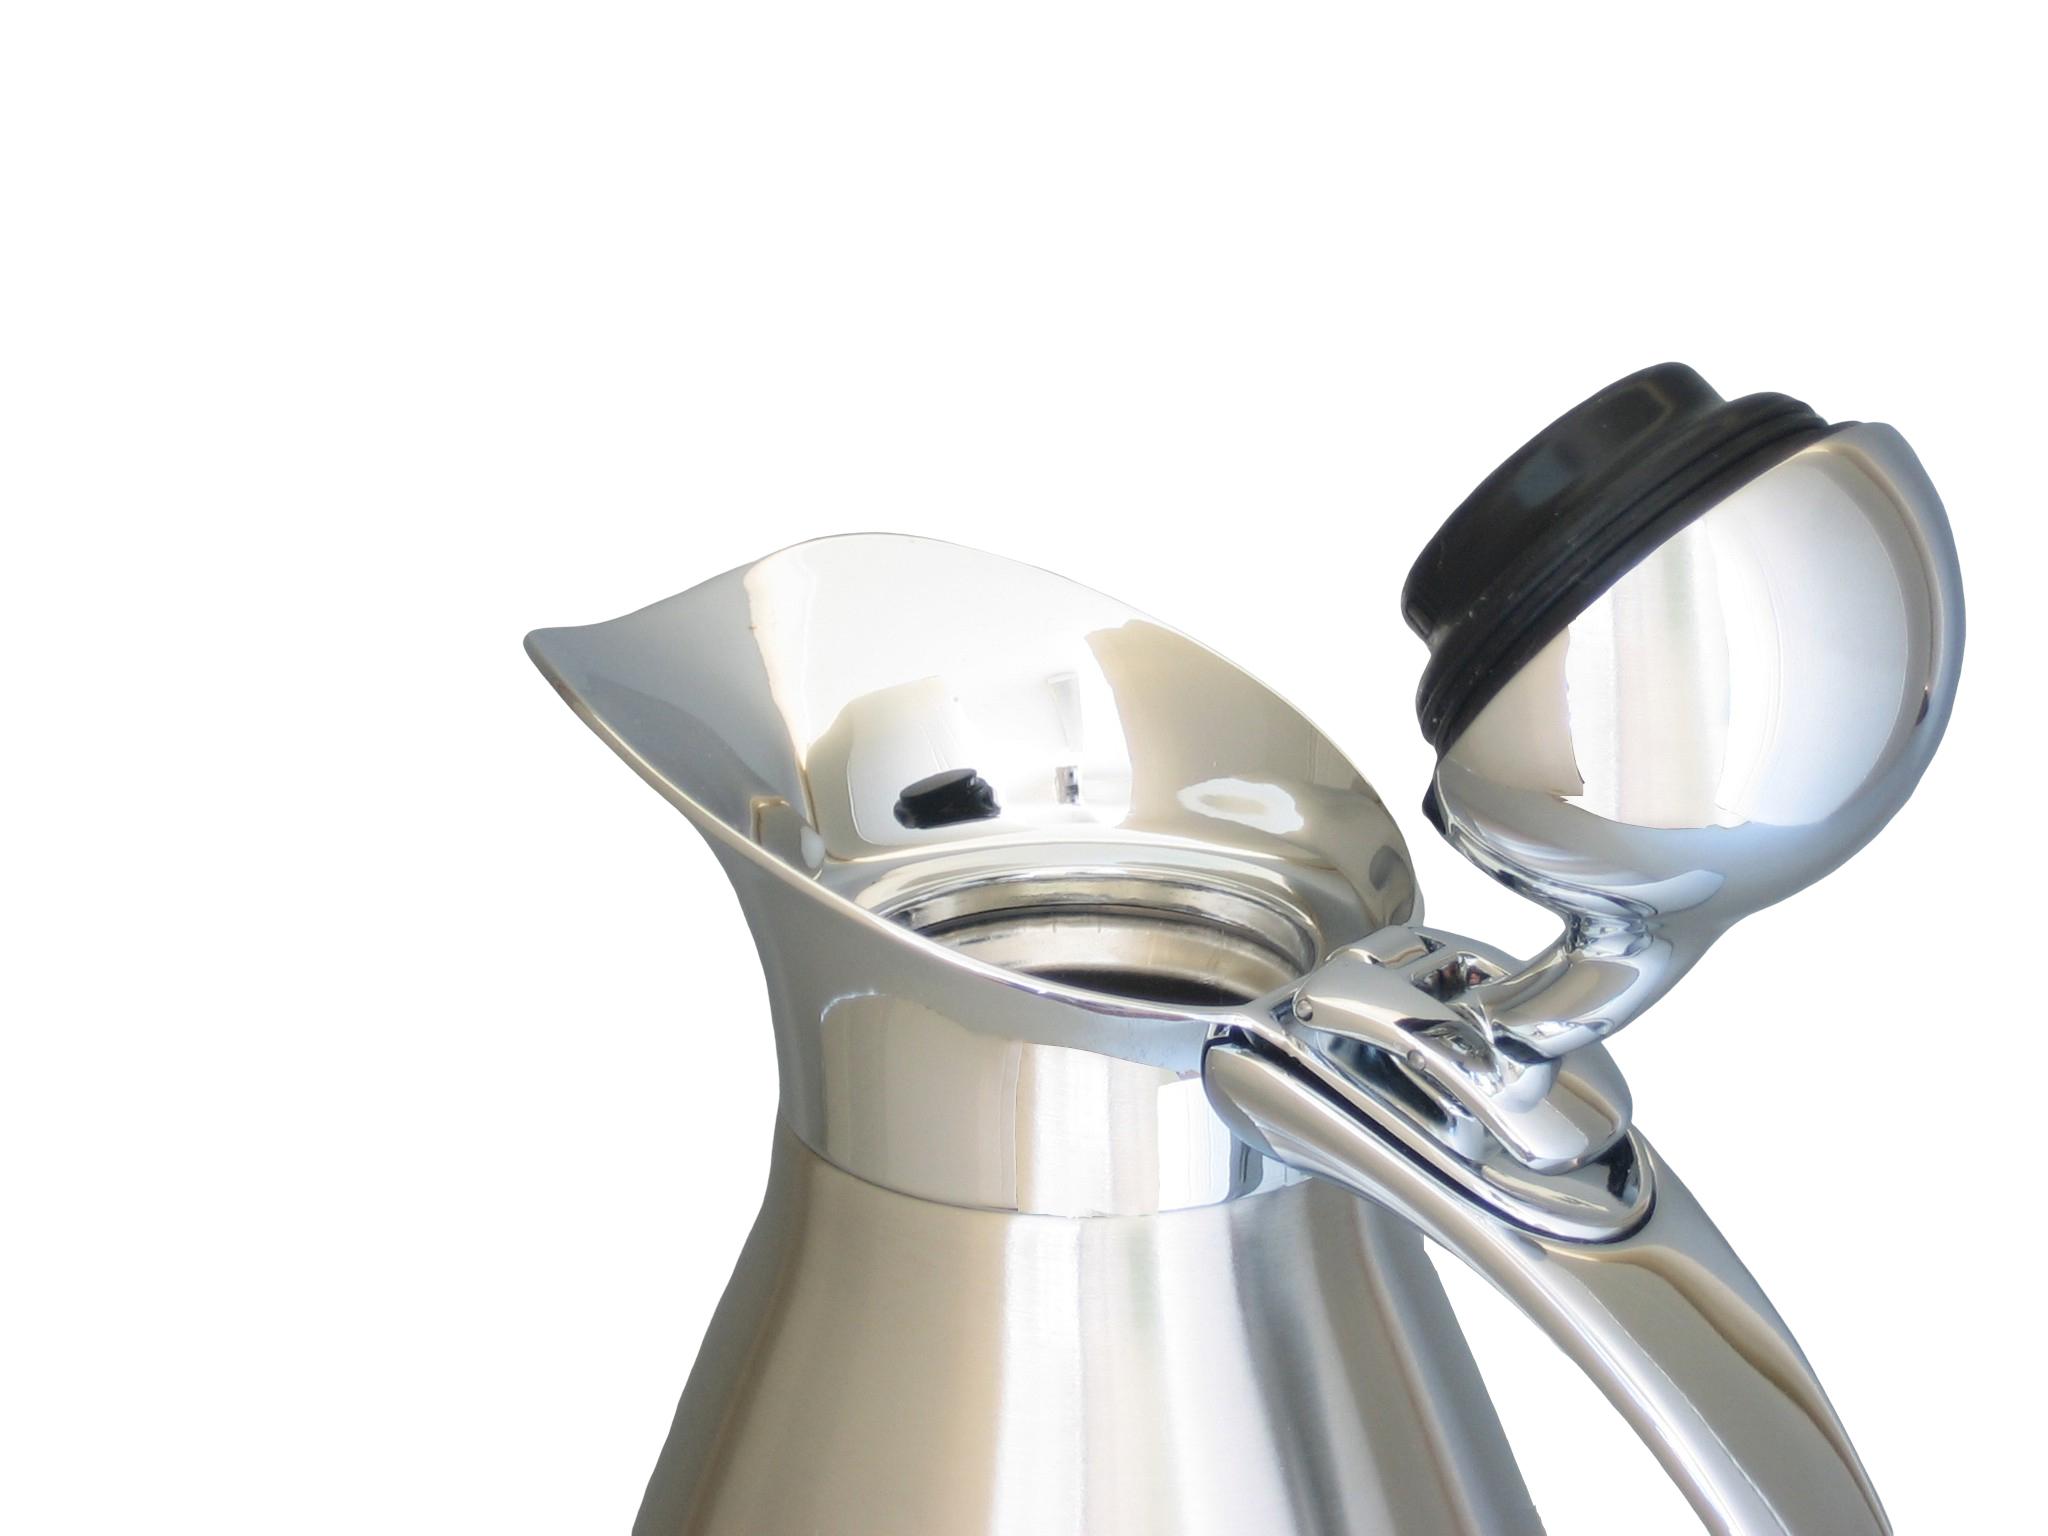 PEARL200 - Isoleerkan onbreek. Inox hogere prijsklasse 2.0 L - Isobel